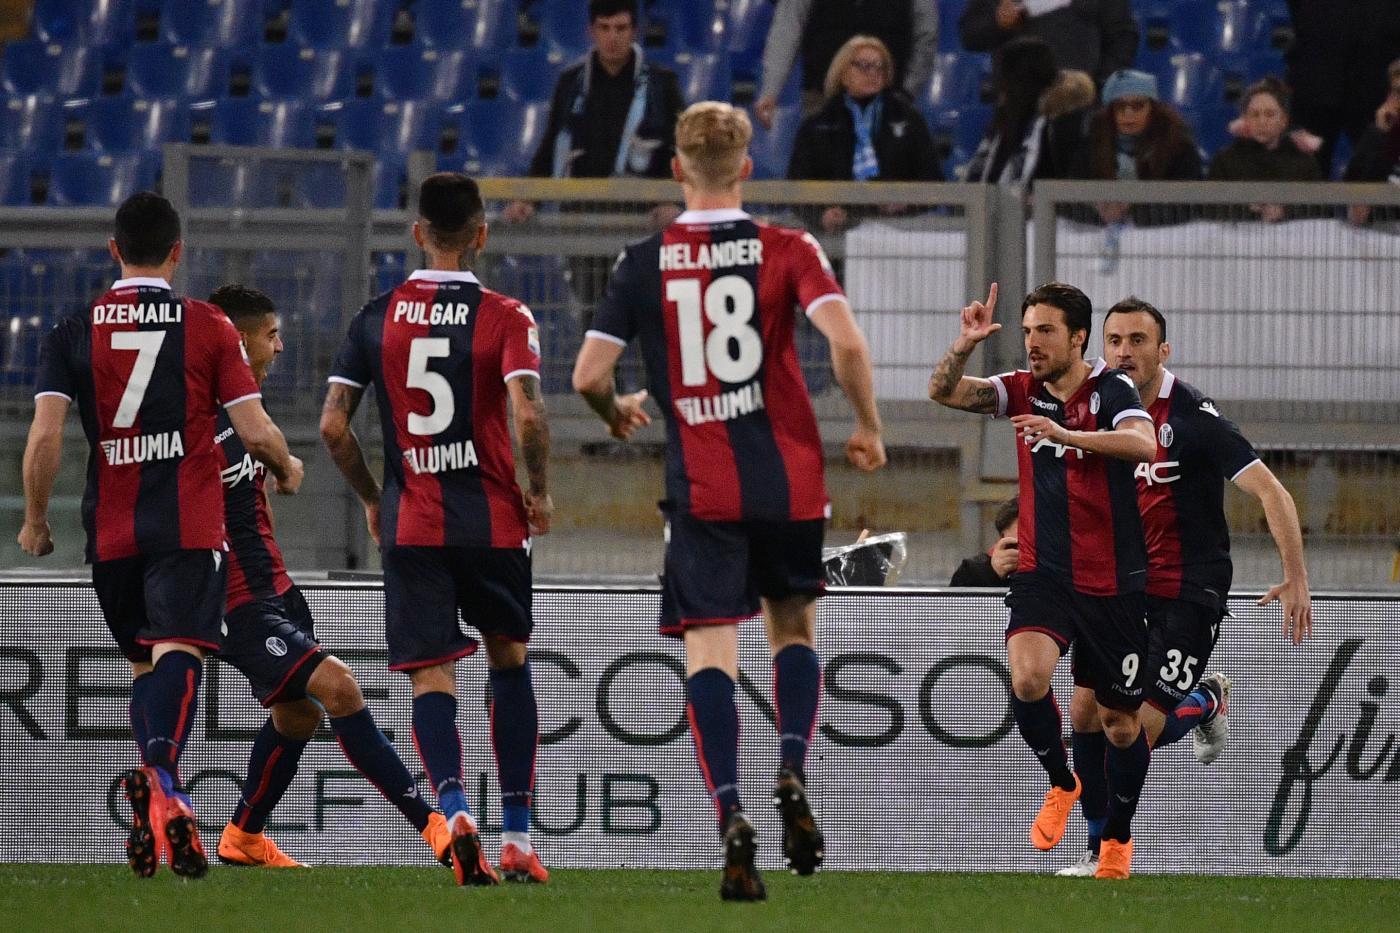 Lazio vs Bologna 1 a 1: la cronaca del match - 19 mar